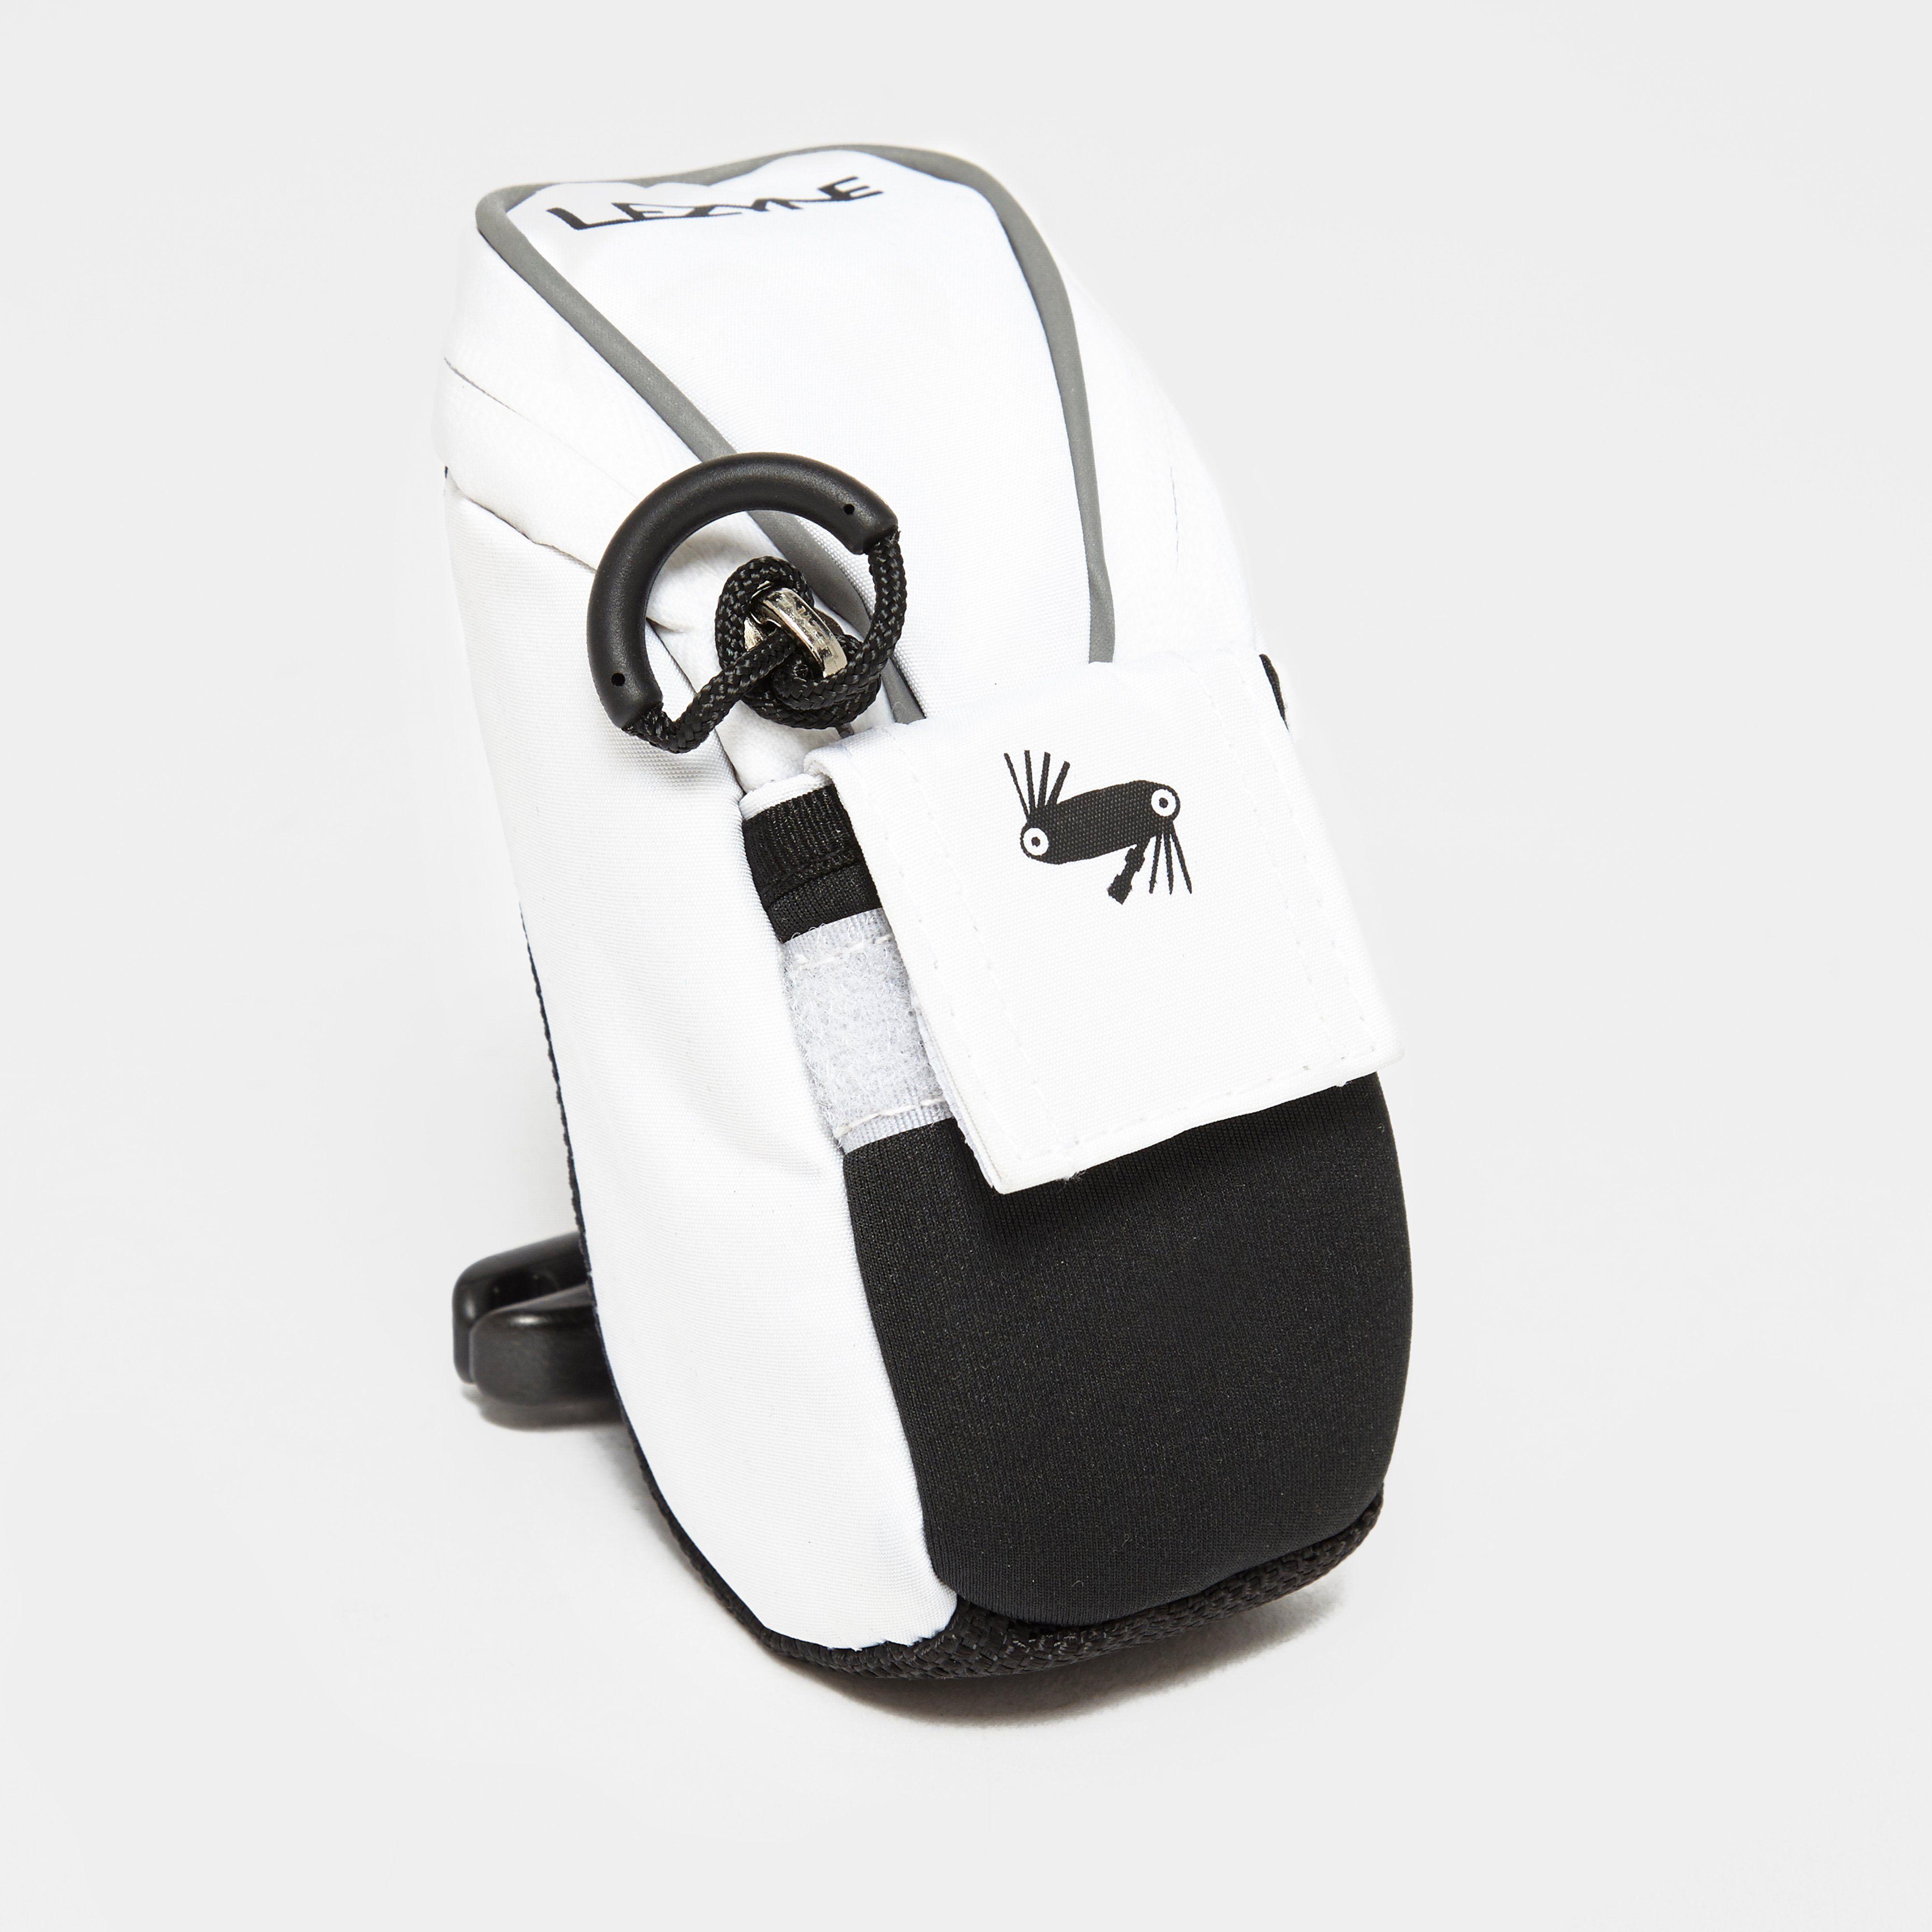 LEZYNE Micro Caddy QR Saddle Bag (Small)